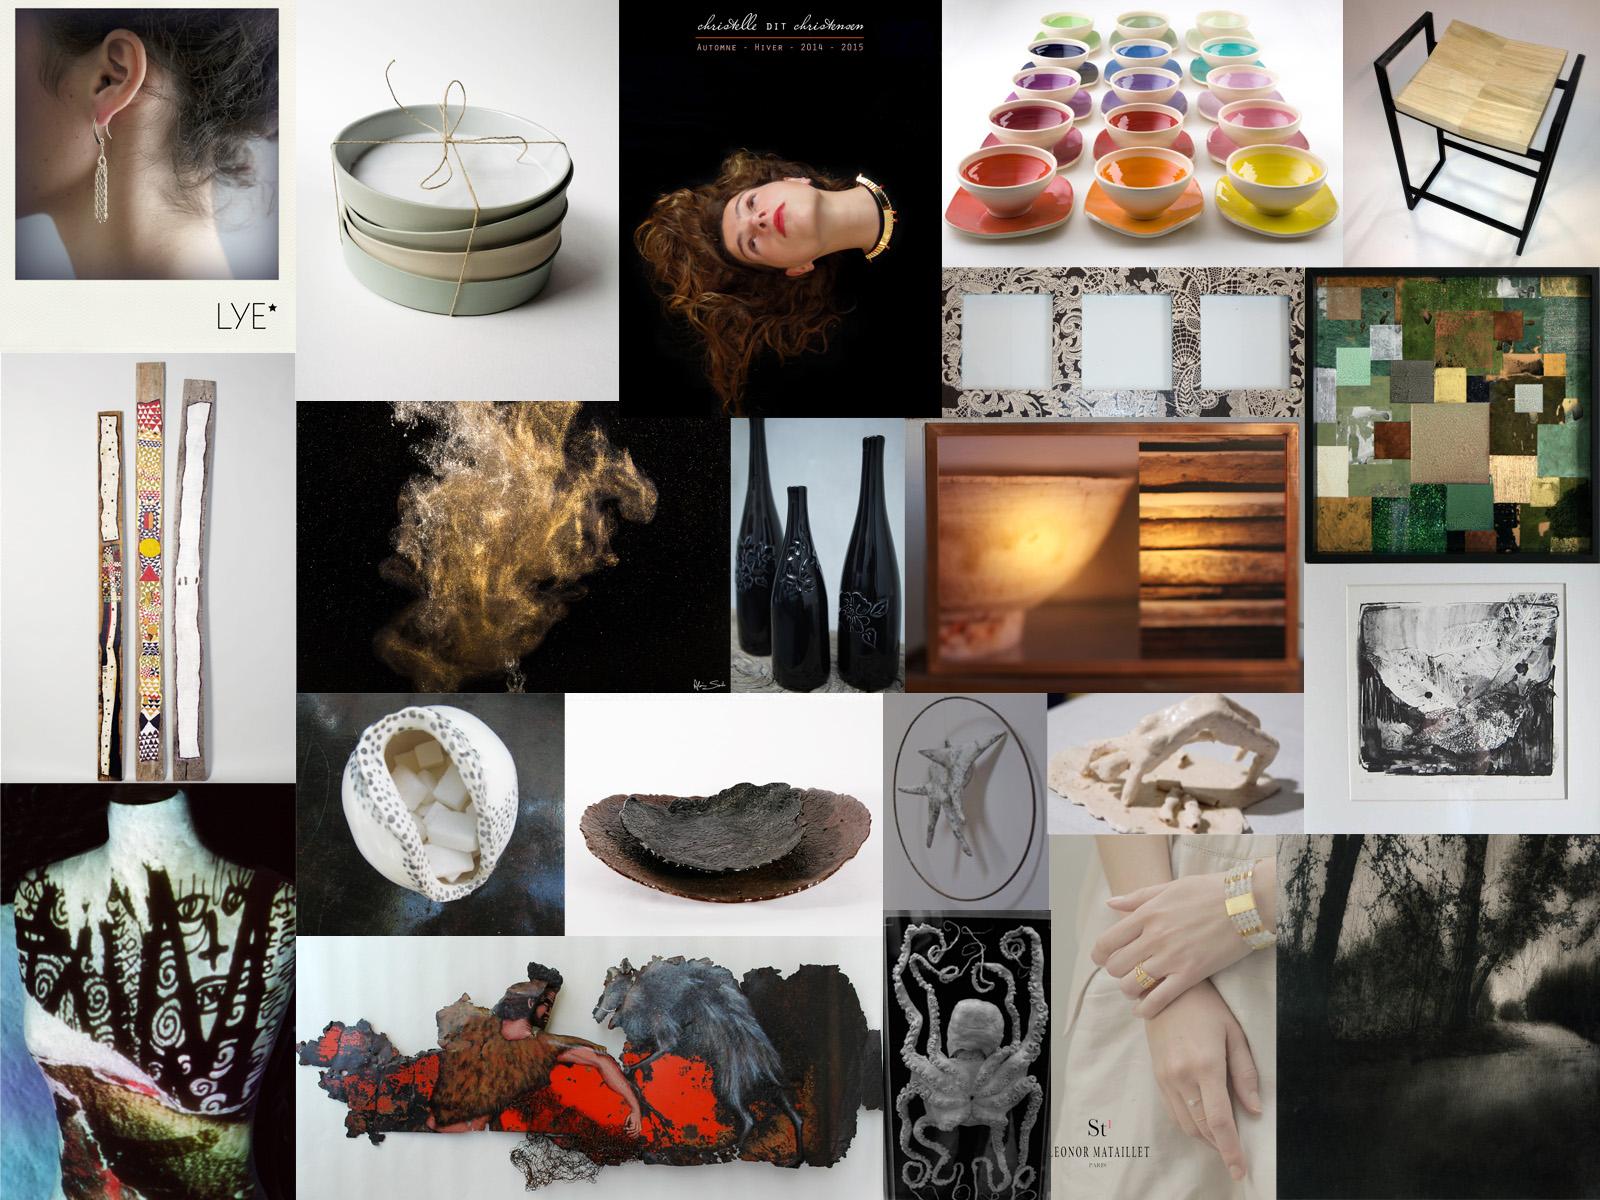 La fabrique et les métiers d'art, collectif d'artistes et artisans d'art